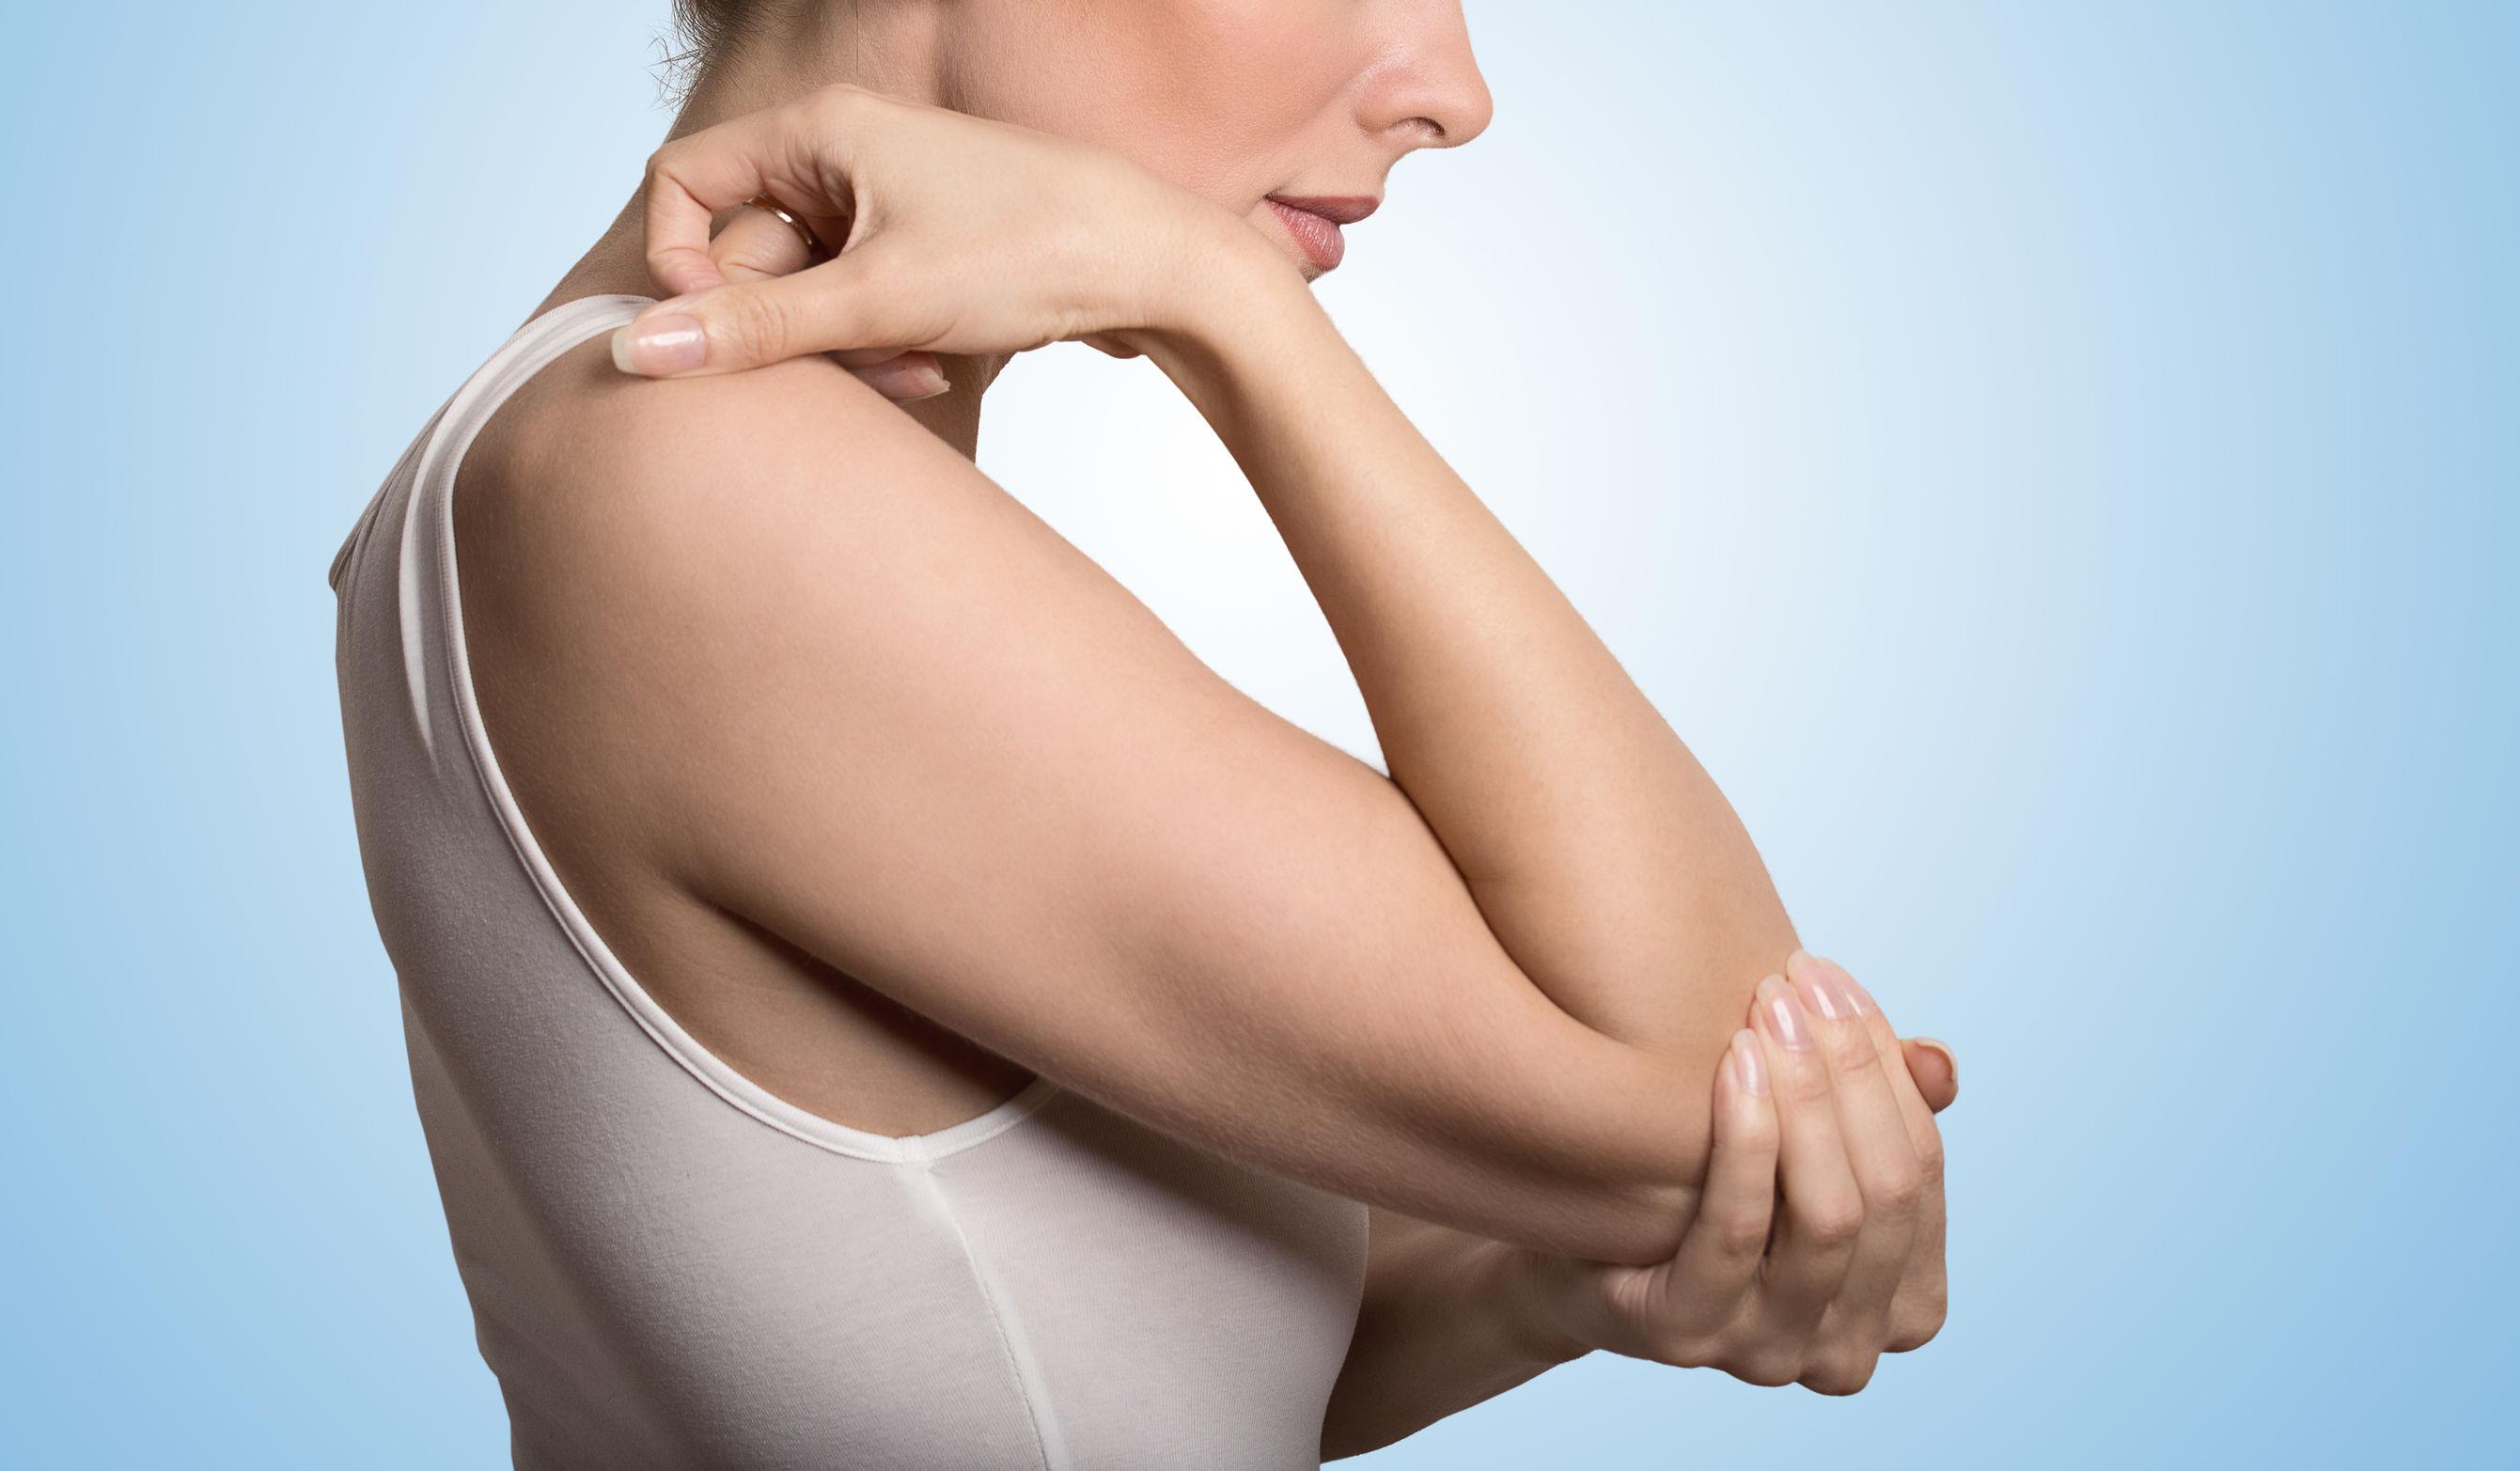 szarkoidózissal fájnak az ízületek